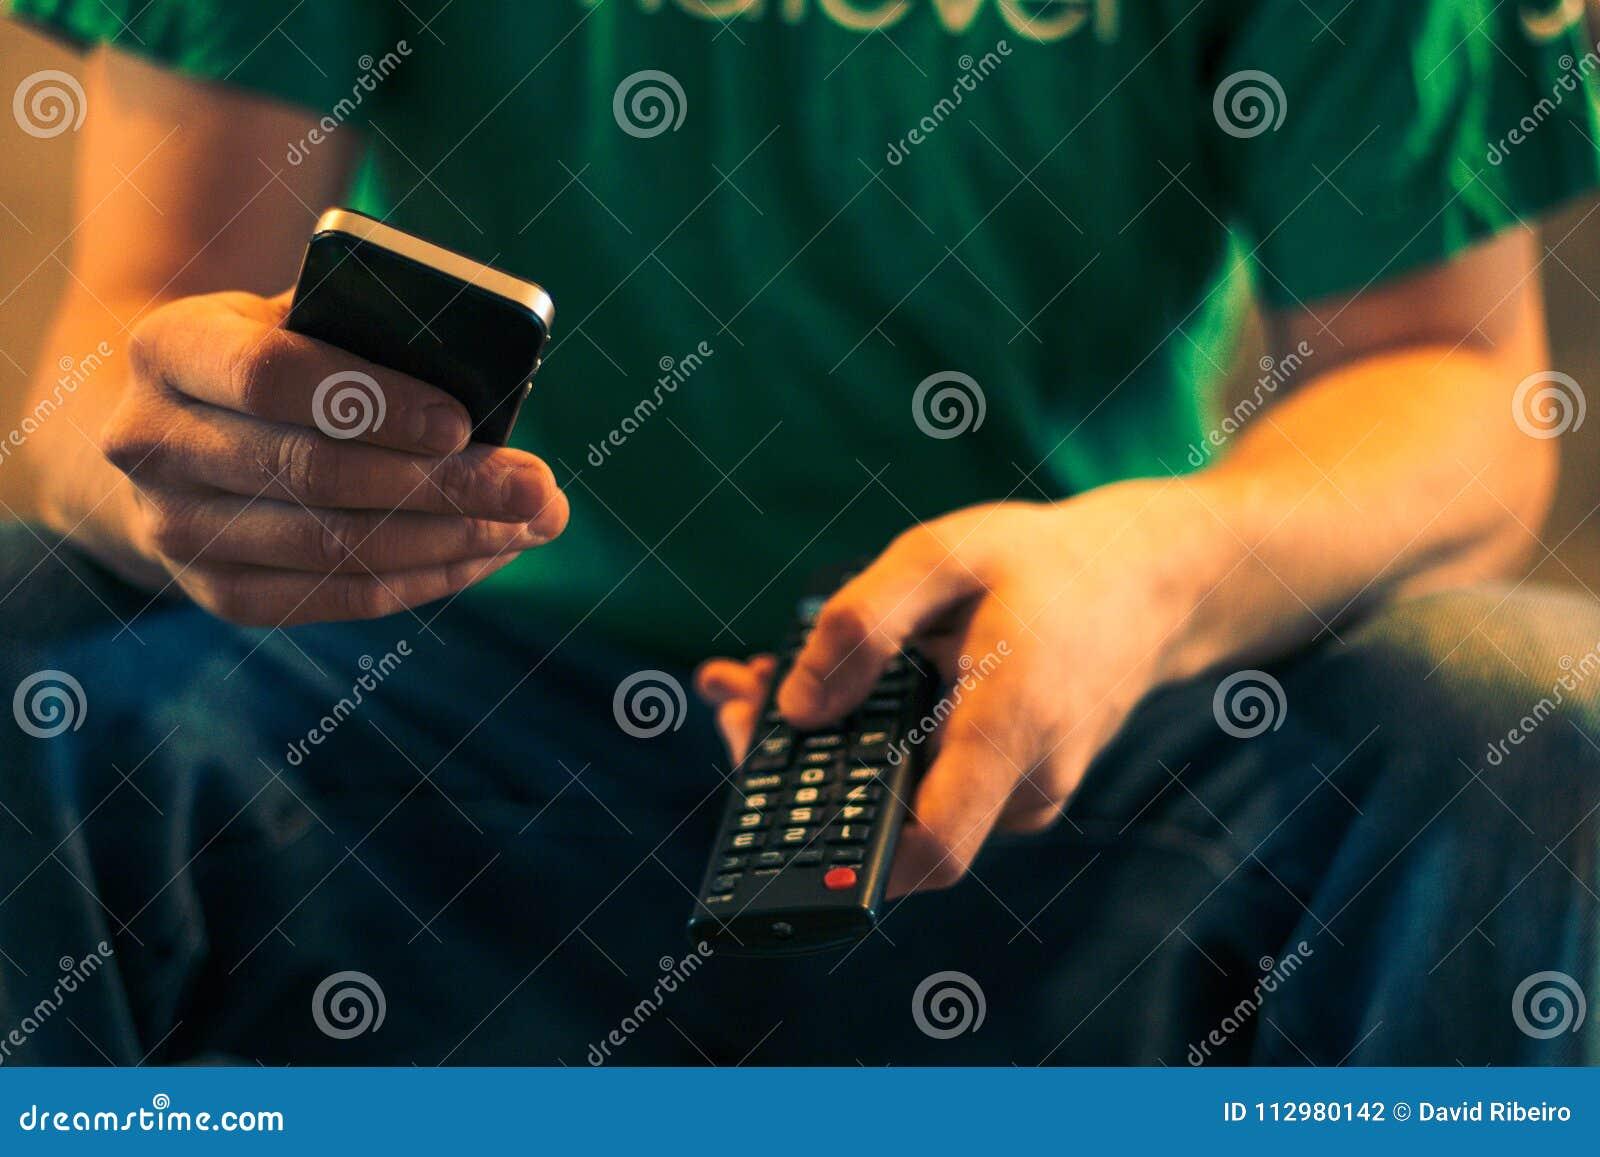 Fermez-vous d un homme jugeant un téléphone portable et une TV à télécommande